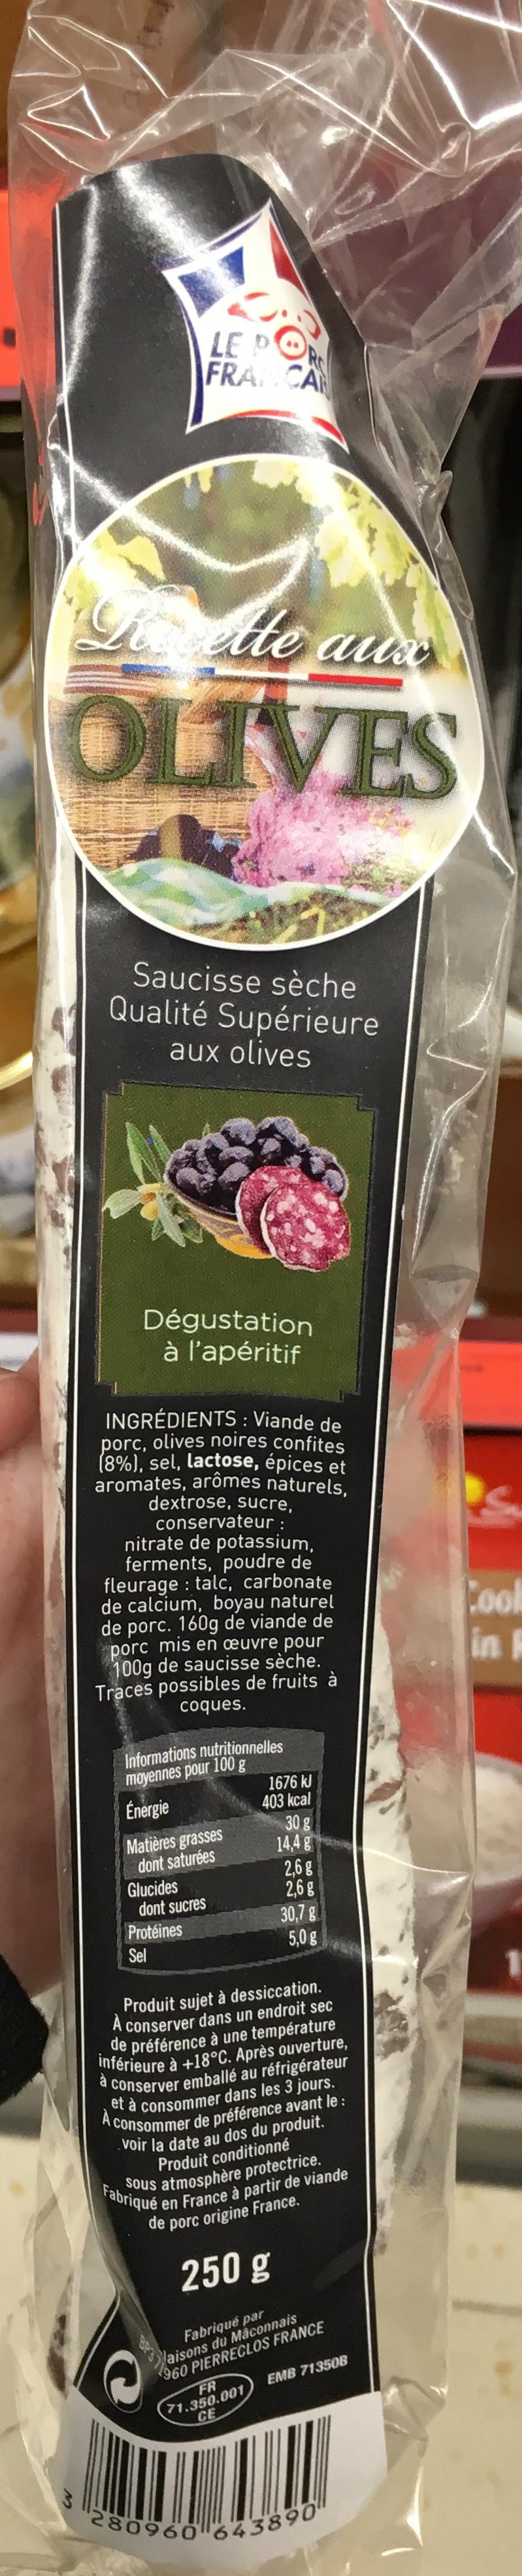 Recette aux Olives - Product - fr